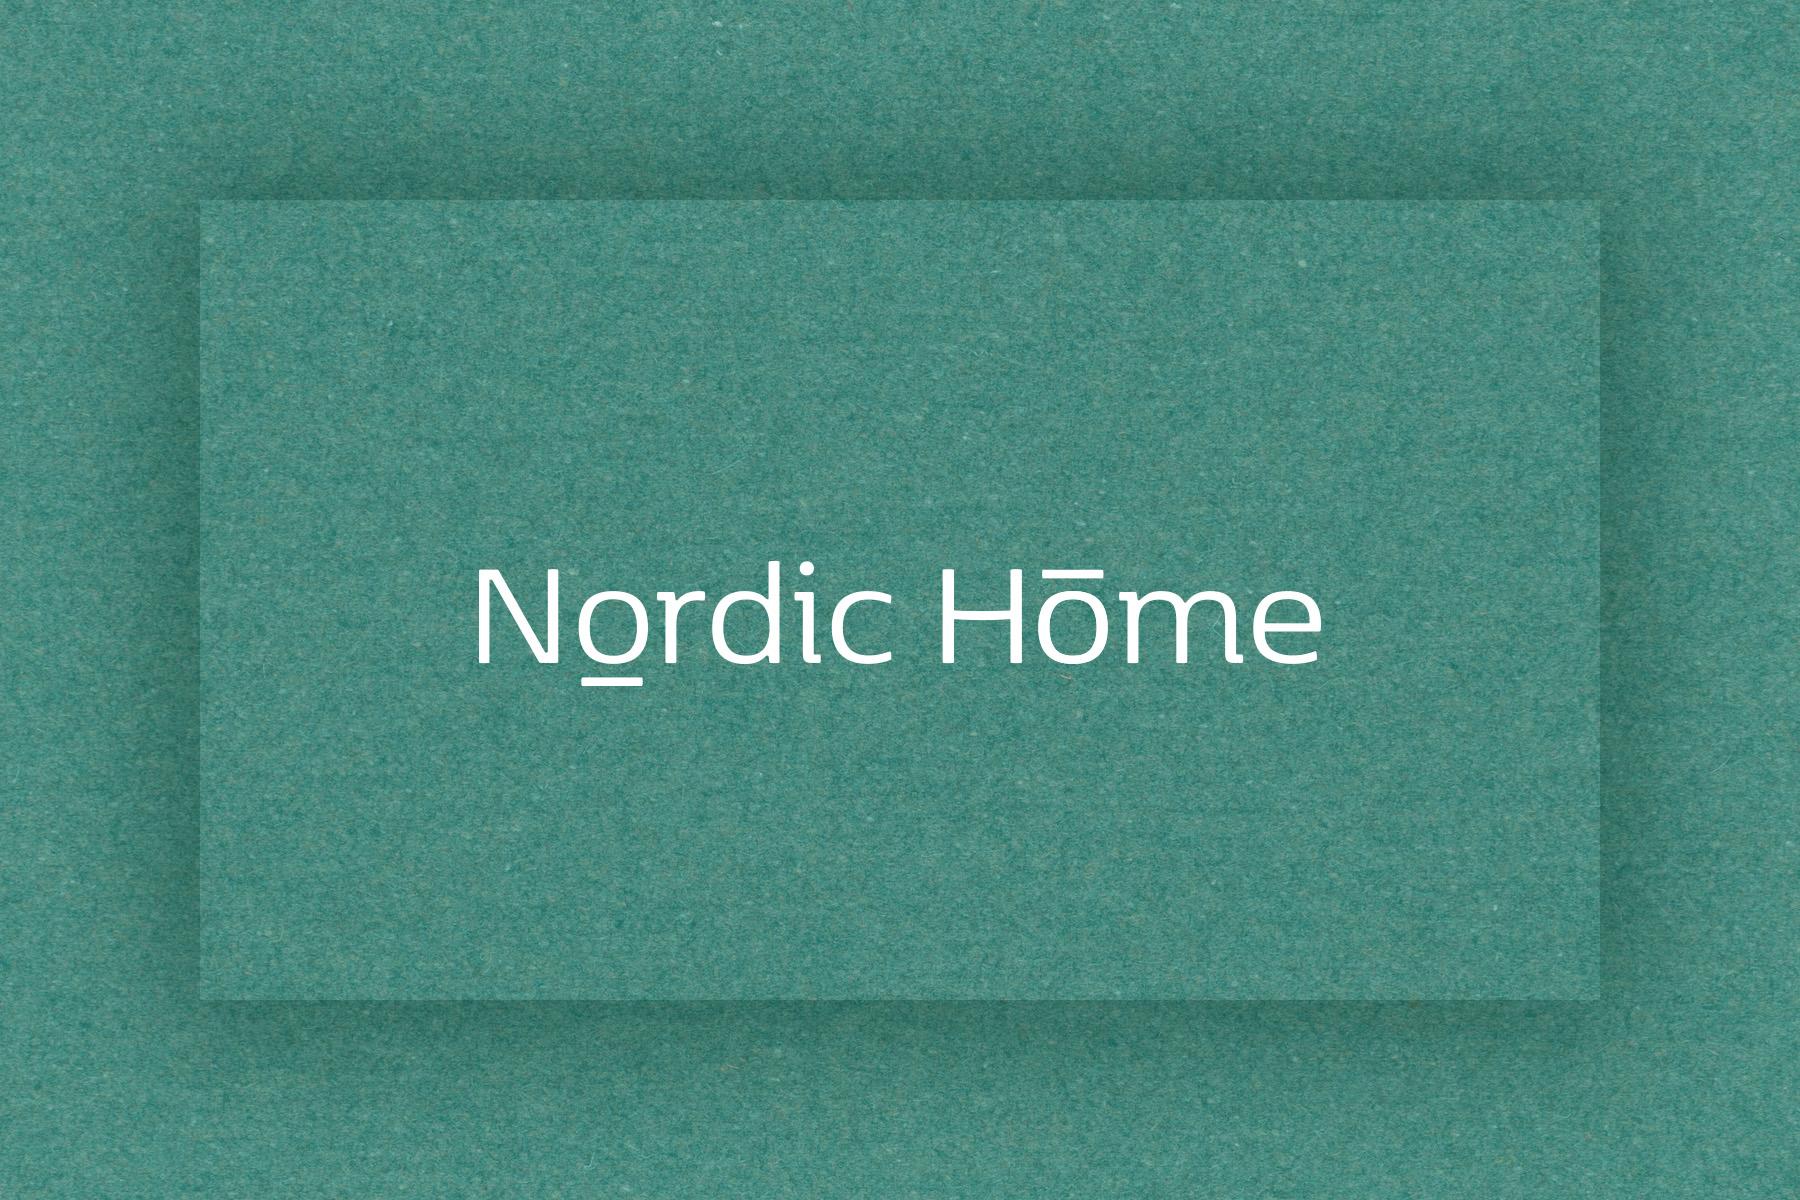 NordicHome_EskildHansen_01